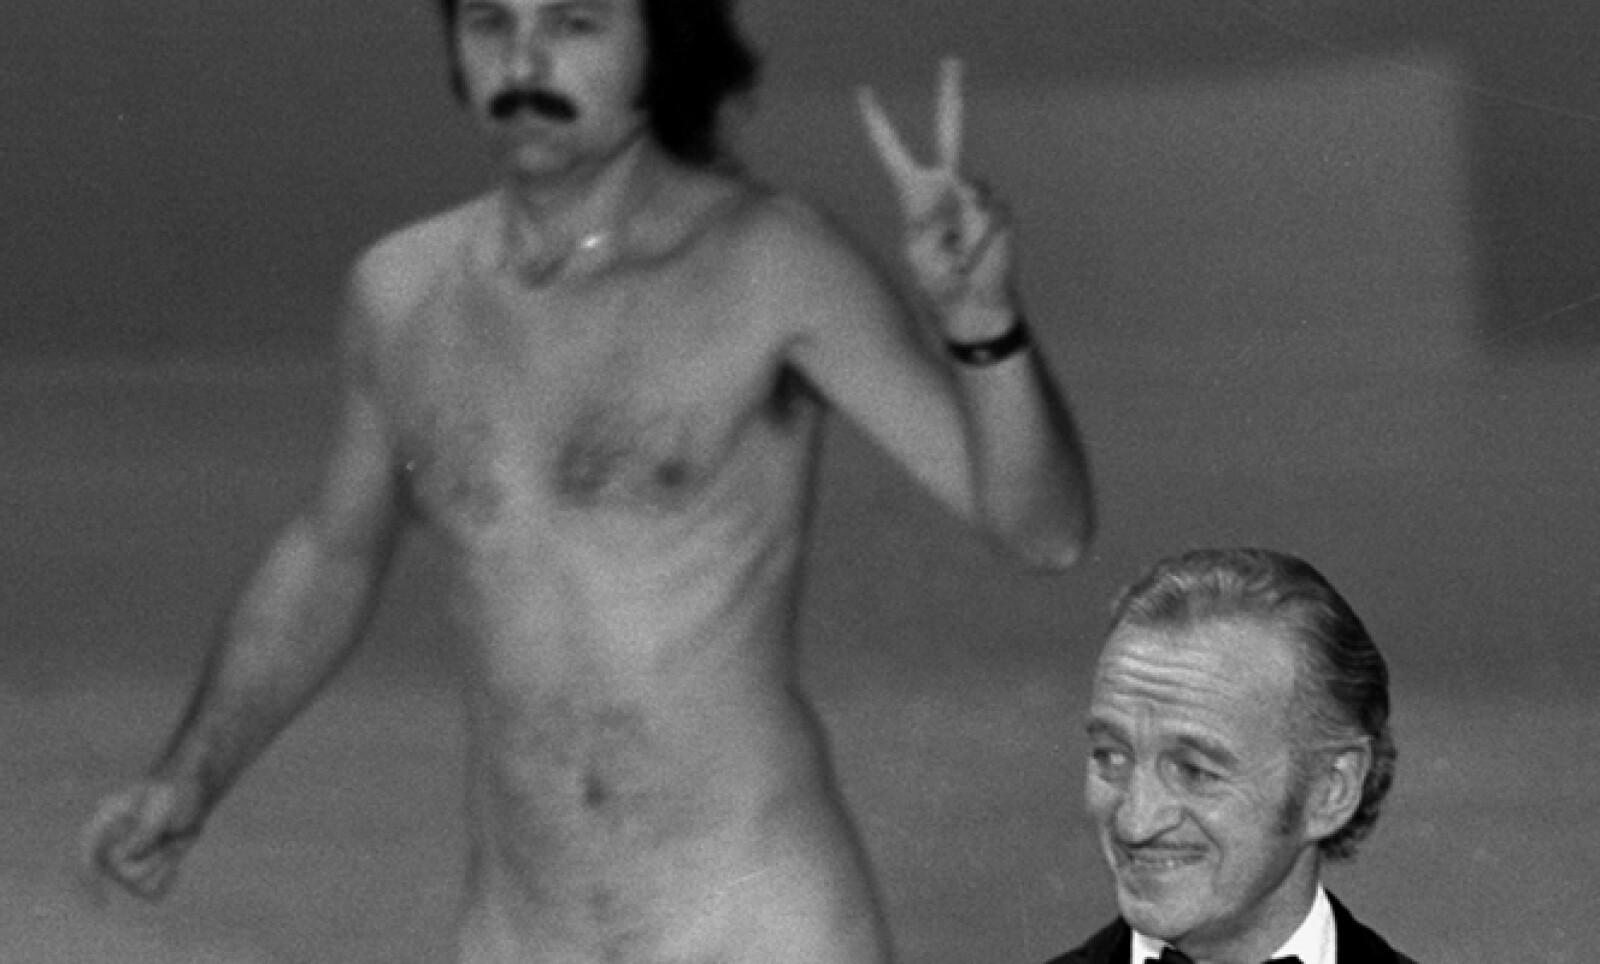 """En 1974 el actor David Niven, quien presentaba una categoría, quedó atónito cuando un hombre desnudo atravesó el escenario de forma imprevista. Depúes bromeó sobre """"las carencias del hombre""""."""